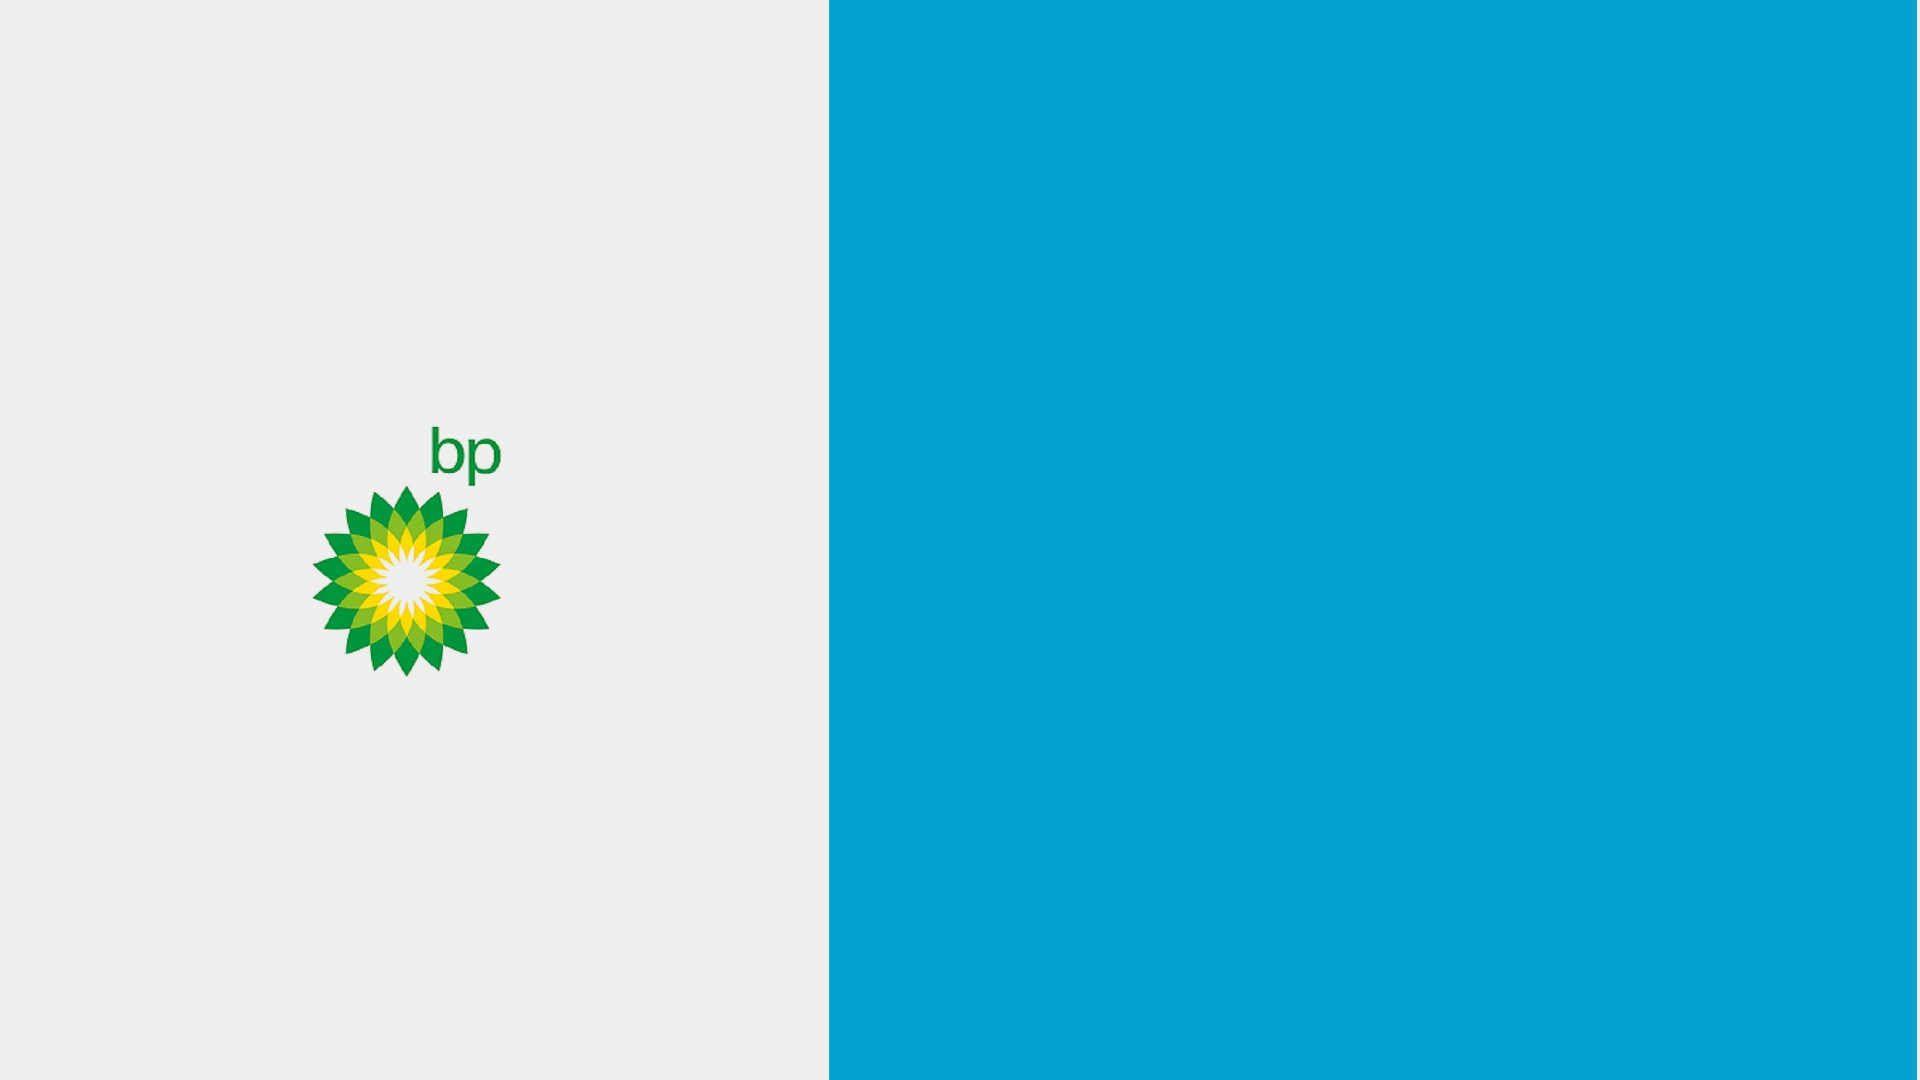 Lärmschutzmaßnahmen BP Tankstelle Schweiz